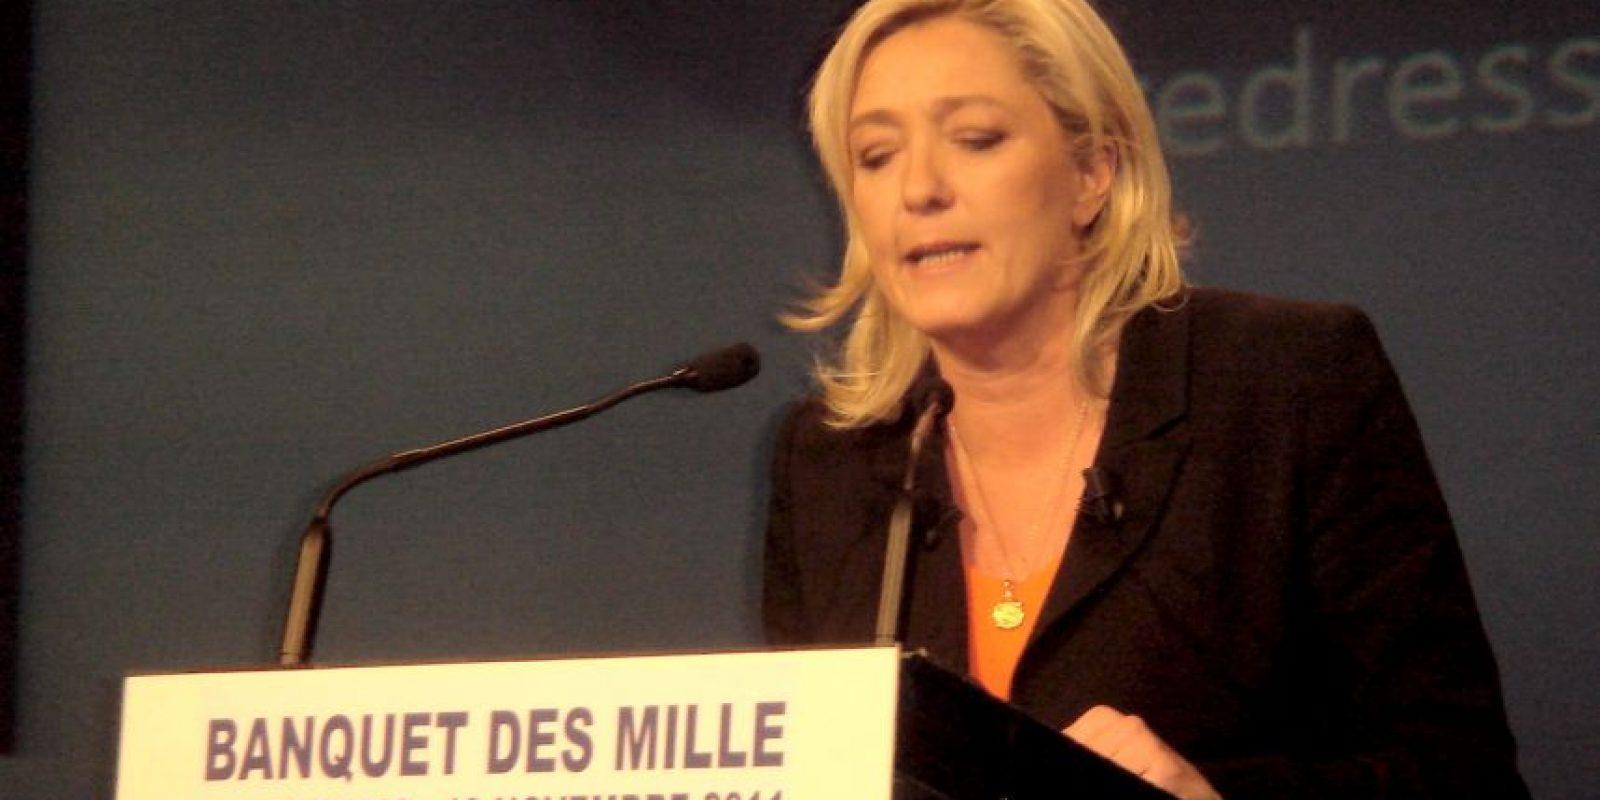 Le Pen, en su defensa, dijo que era entendible que algunos cantantes que se vuelven viejos y que pierden el talento, deben hacer que hablen de ellos de cualquier forma. Foto:Wikicommons